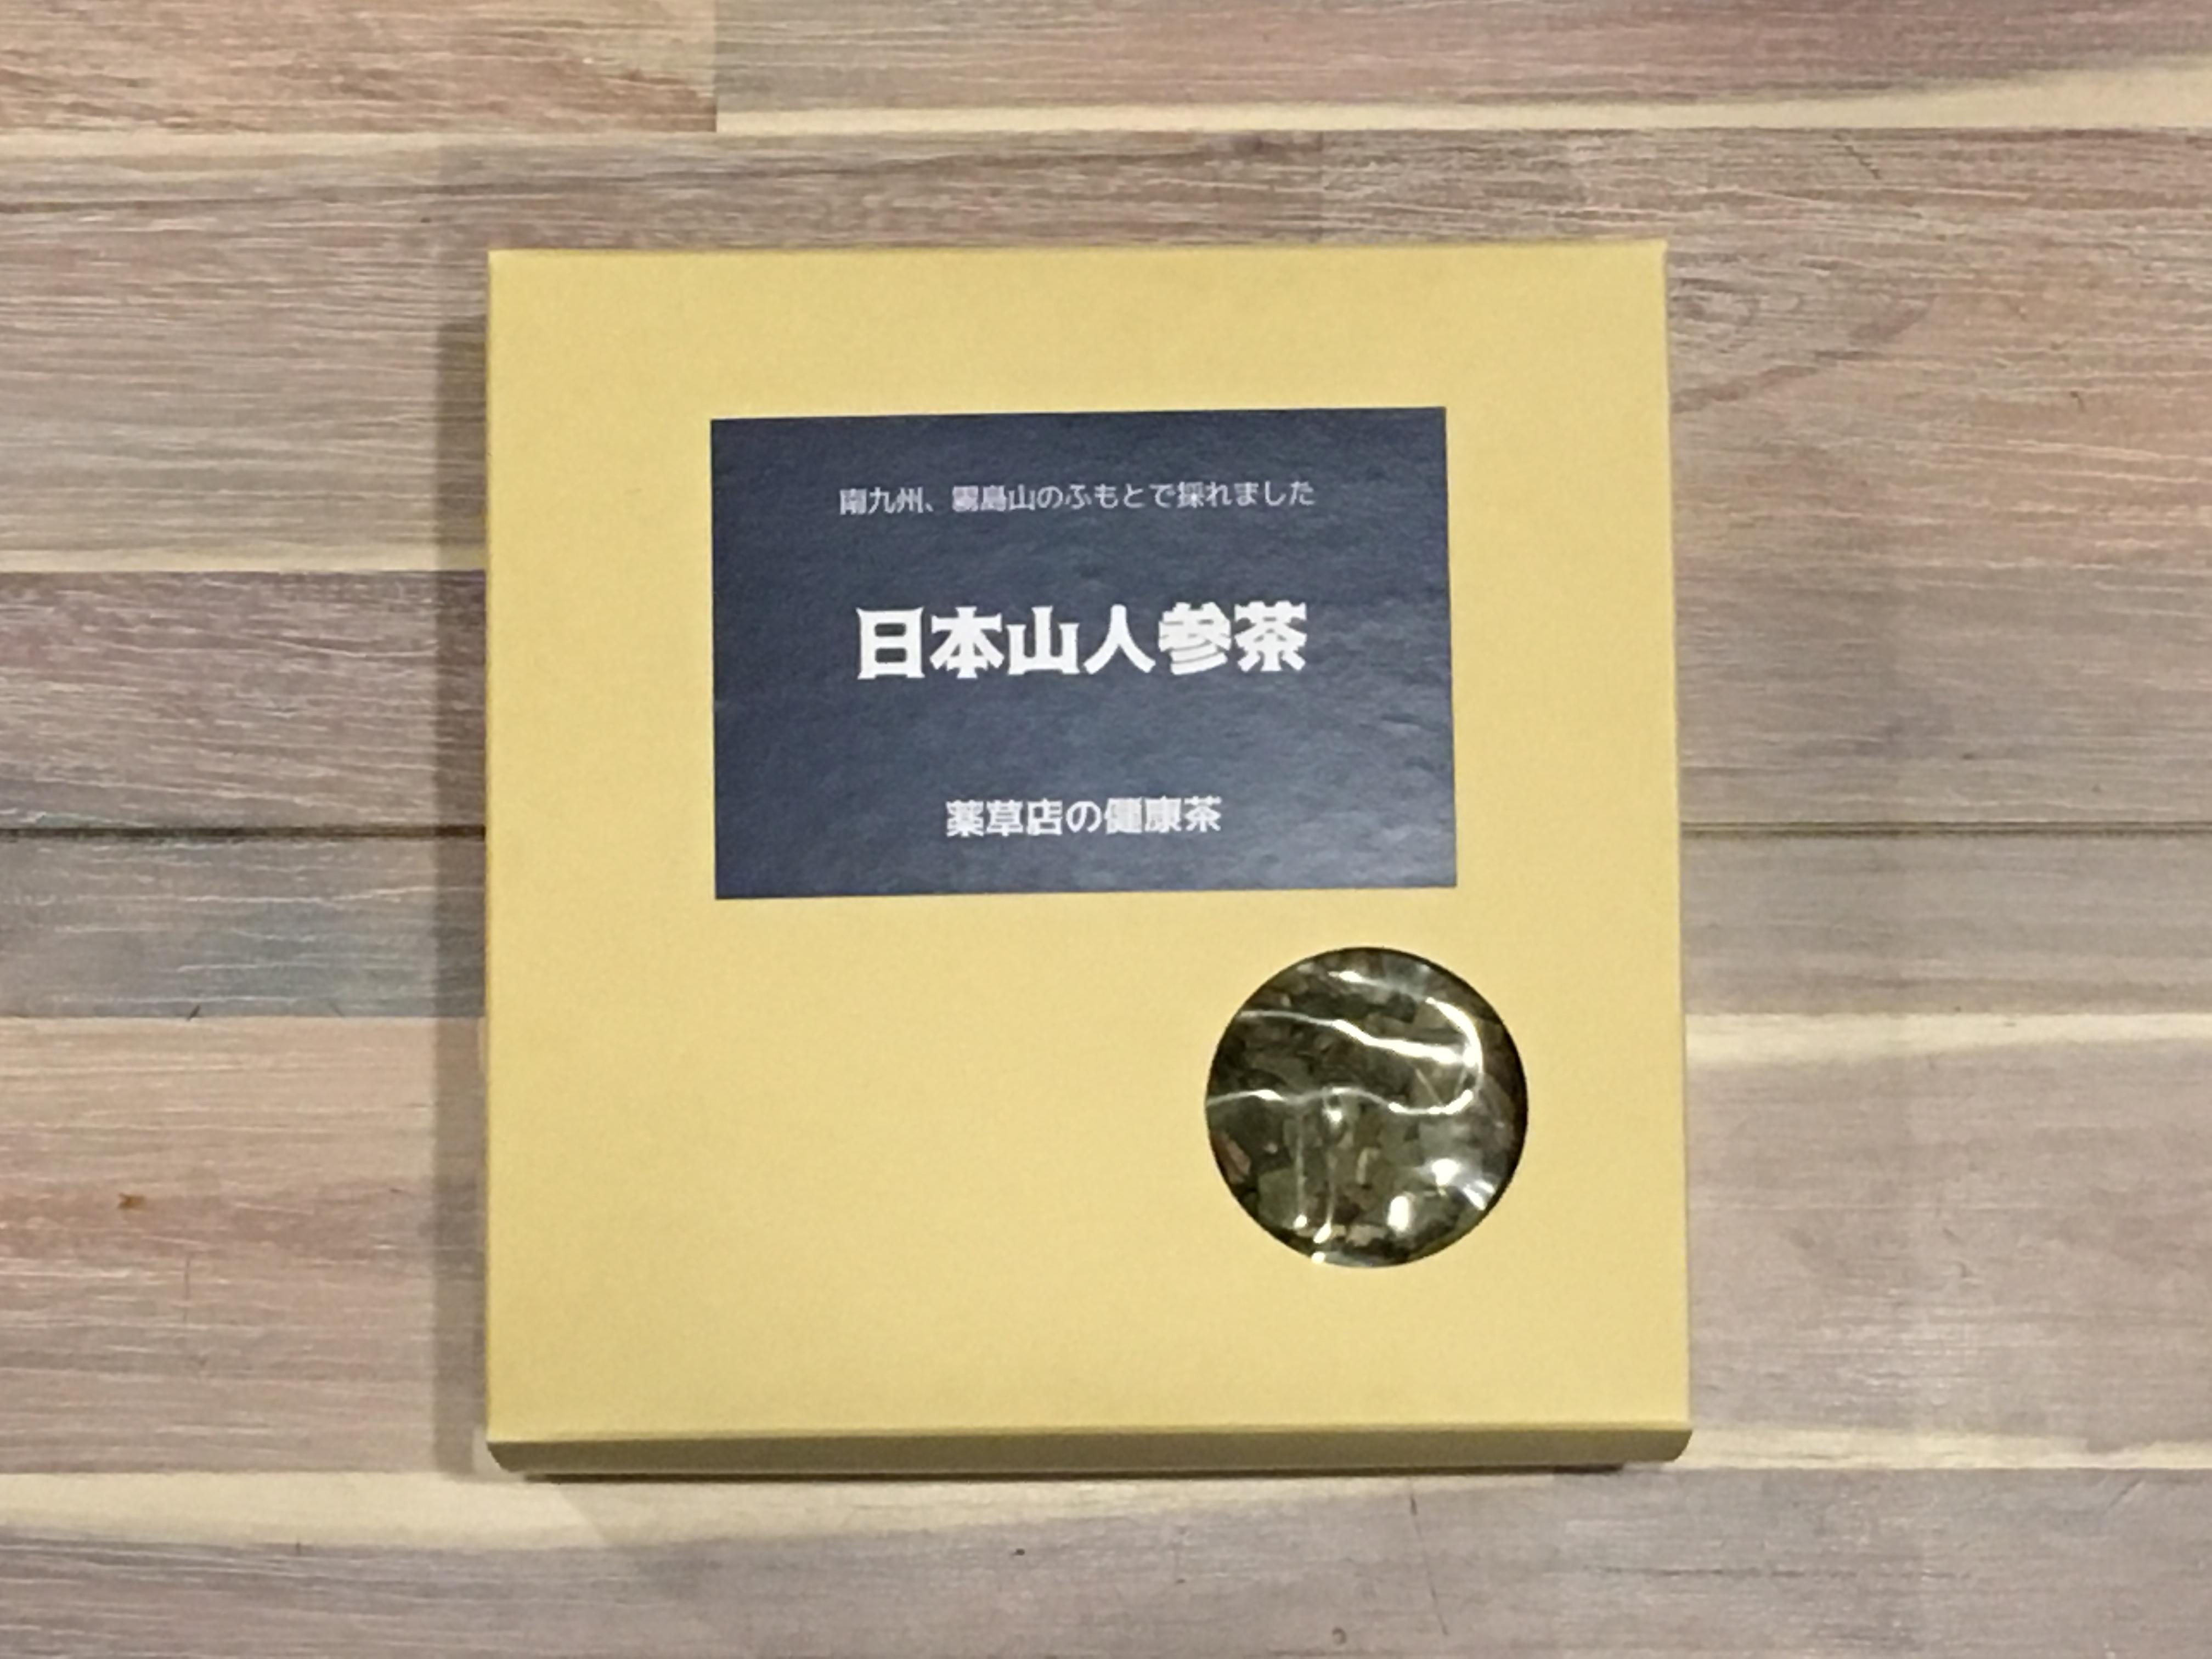 【送料無料※北海道・一部地域を除く】 焙煎日本山人参茶 150g 国産オーガニック健康茶